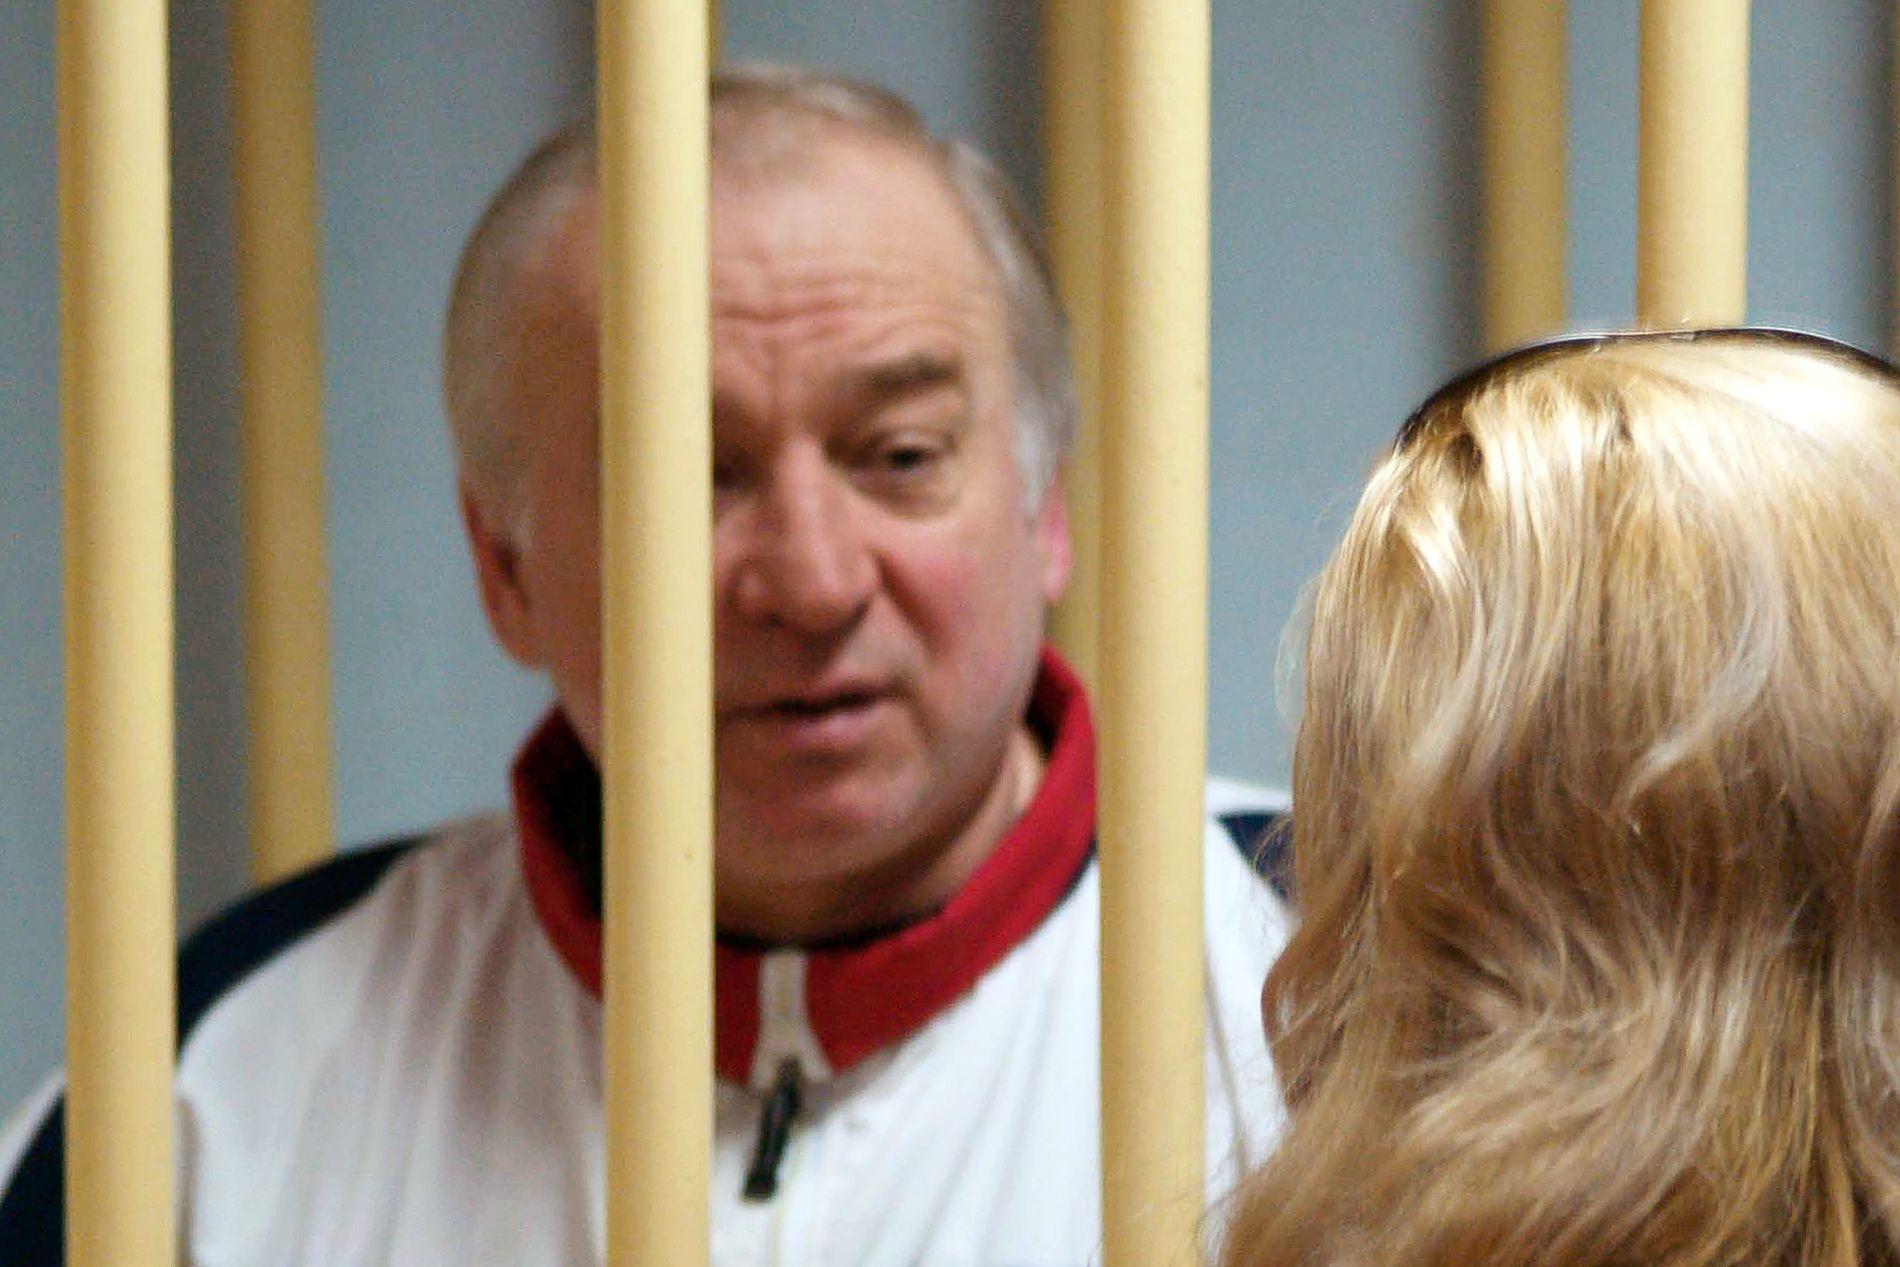 FORGIFTET: I mars ble den tidligere russiske etterretningsoffiseren Sergej Skripal utsatt for nervegiften Novitsjok, mens han var sammen med sin datter i Salisbury. Skripal hadde hoppet av til Storbritannia, etter at han var avslørt som spion for MI6. Her er han avbildet fra rettssaken mot ham i 2006, hvor han ble dømt til 13 års fengsel for høyforræderi. Han ble senere benådet.